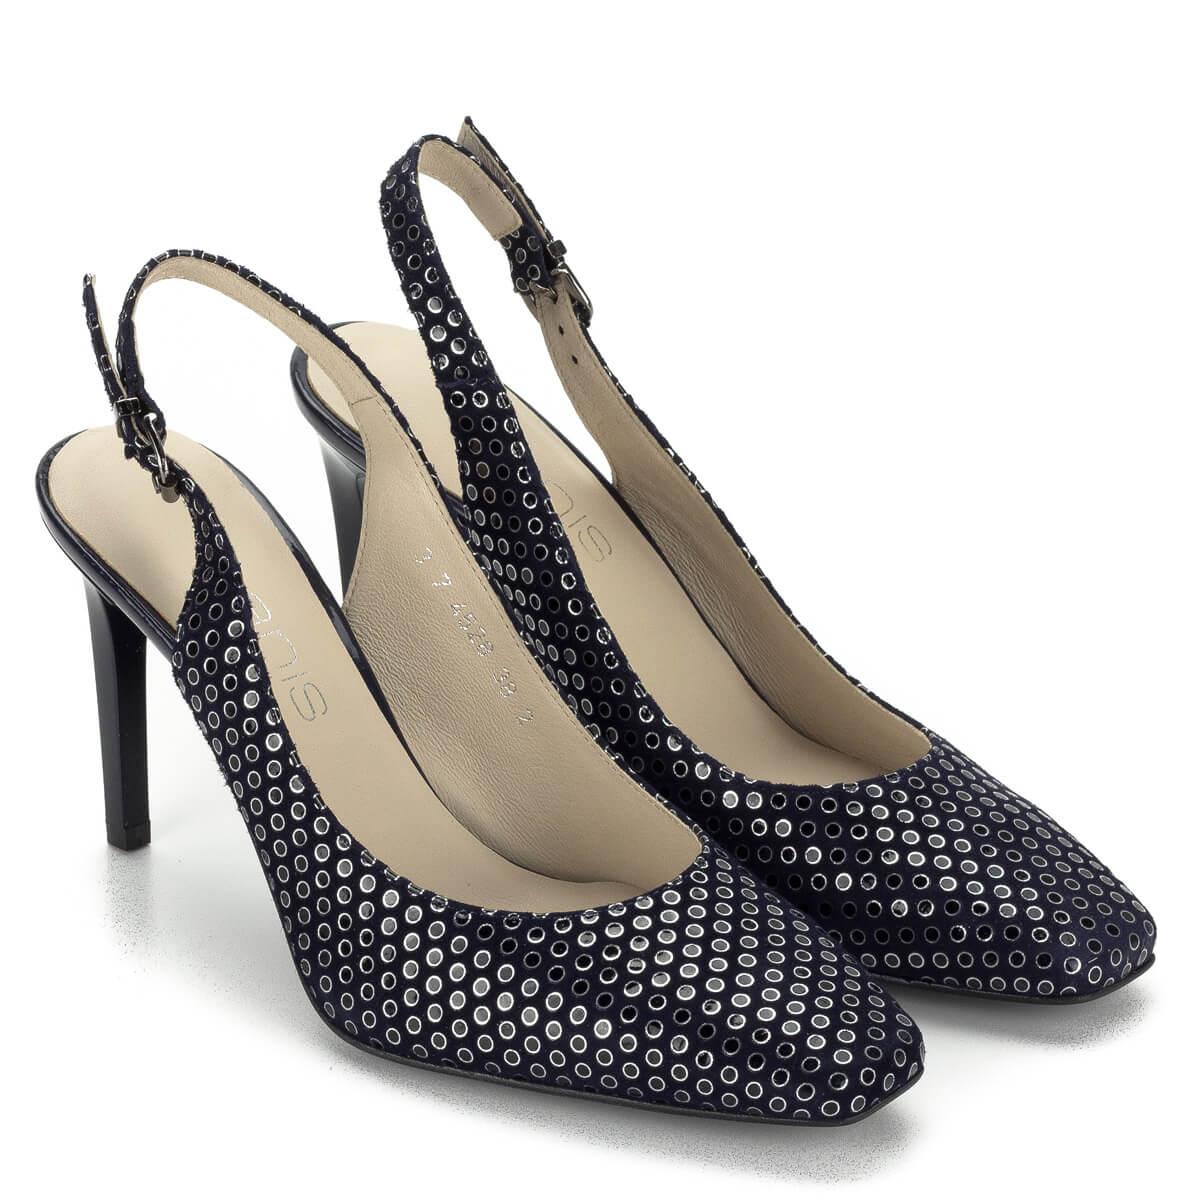 őszi cipő mentse el első ránézésre Magas sarkú Anis szandálcipő 9 cm magas sarokkal, kék színben